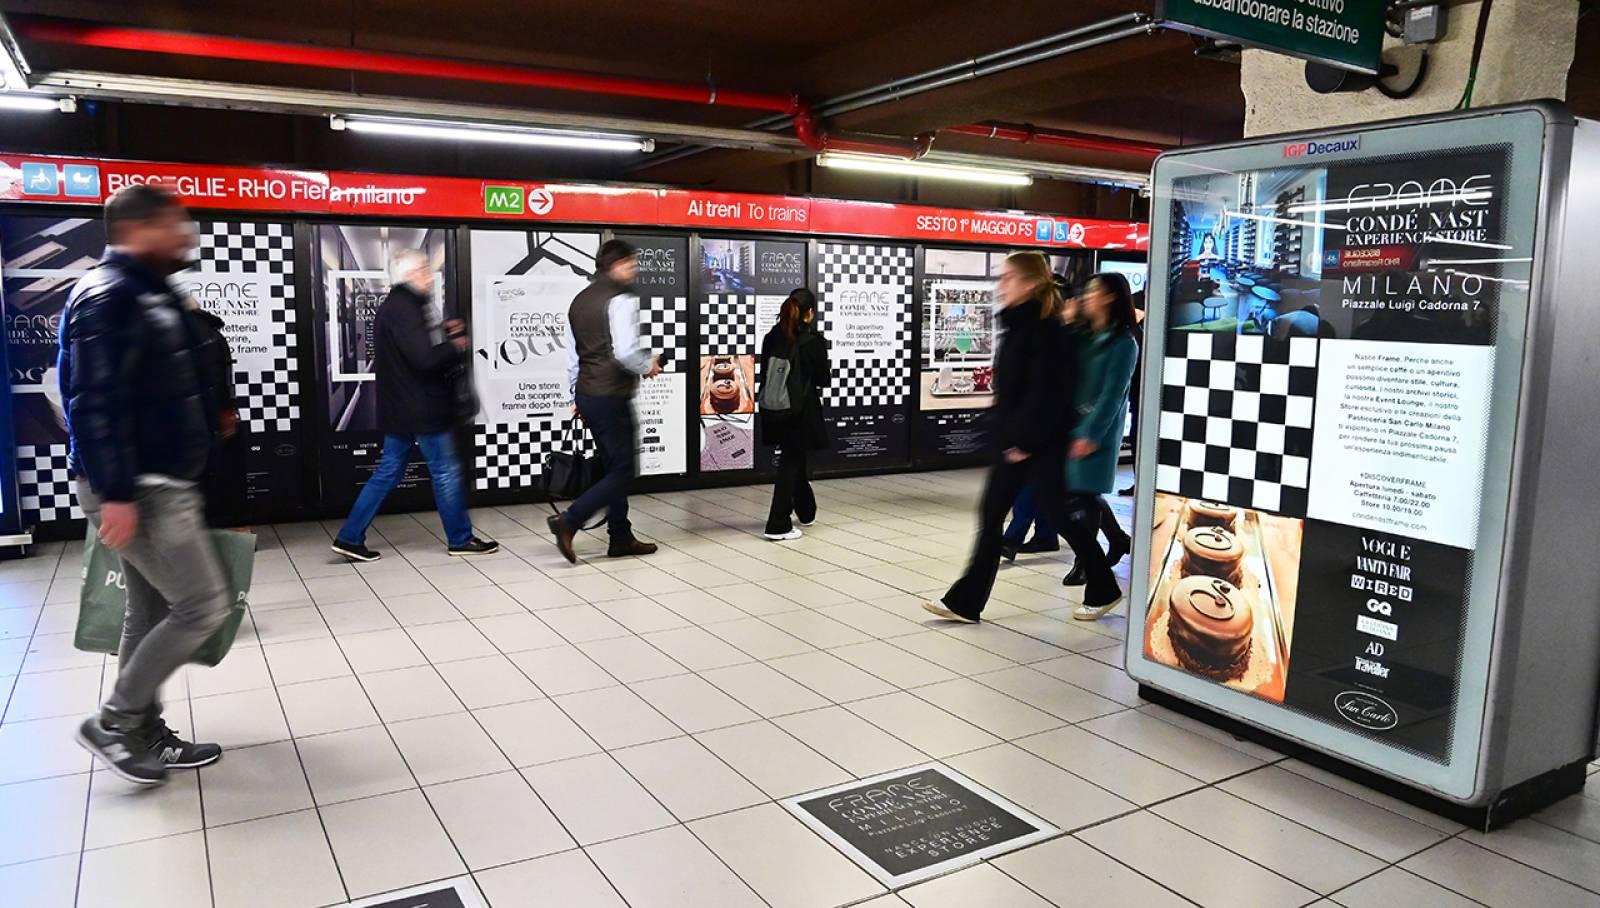 Pubblicità metro Milano IGPDecaux Station Domination per Condé Nast